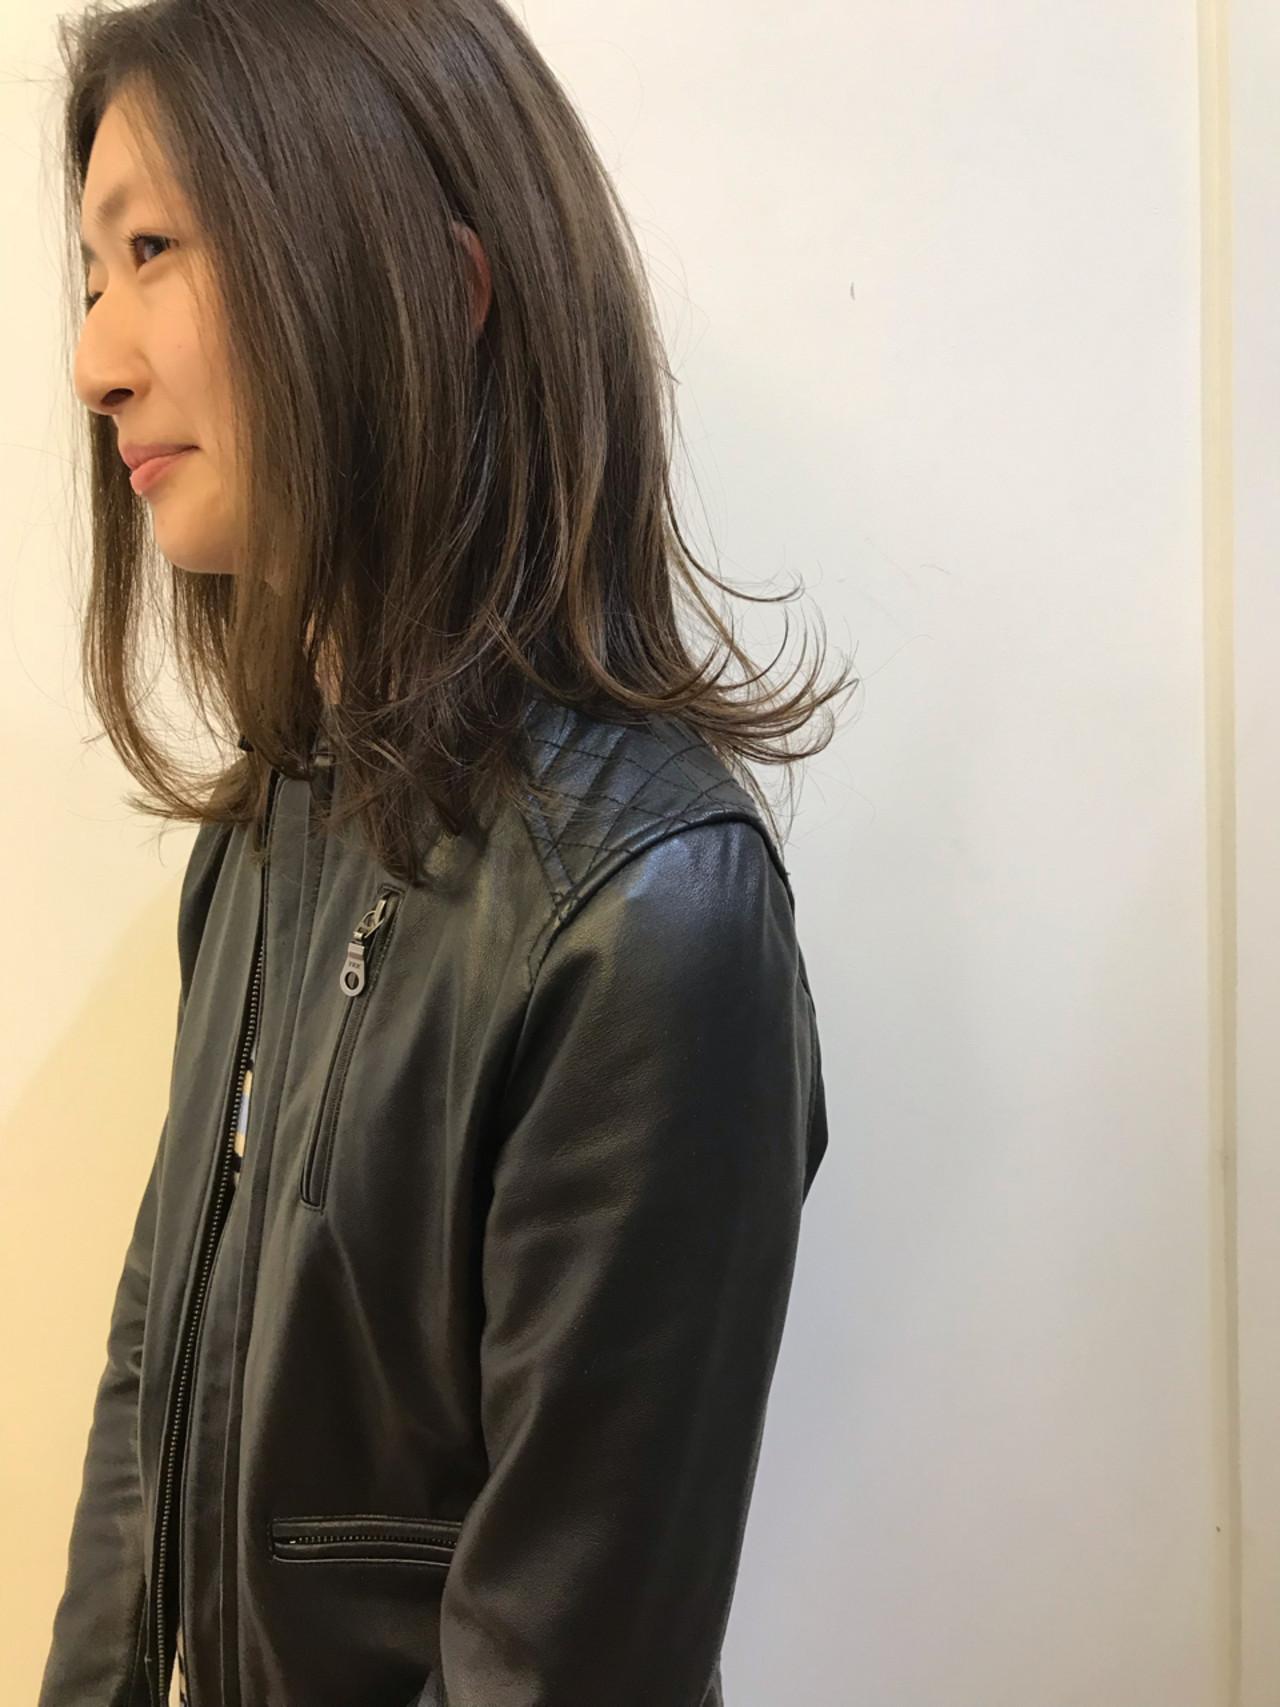 ハイライト ガーリー デジタルパーマ ミディアム ヘアスタイルや髪型の写真・画像